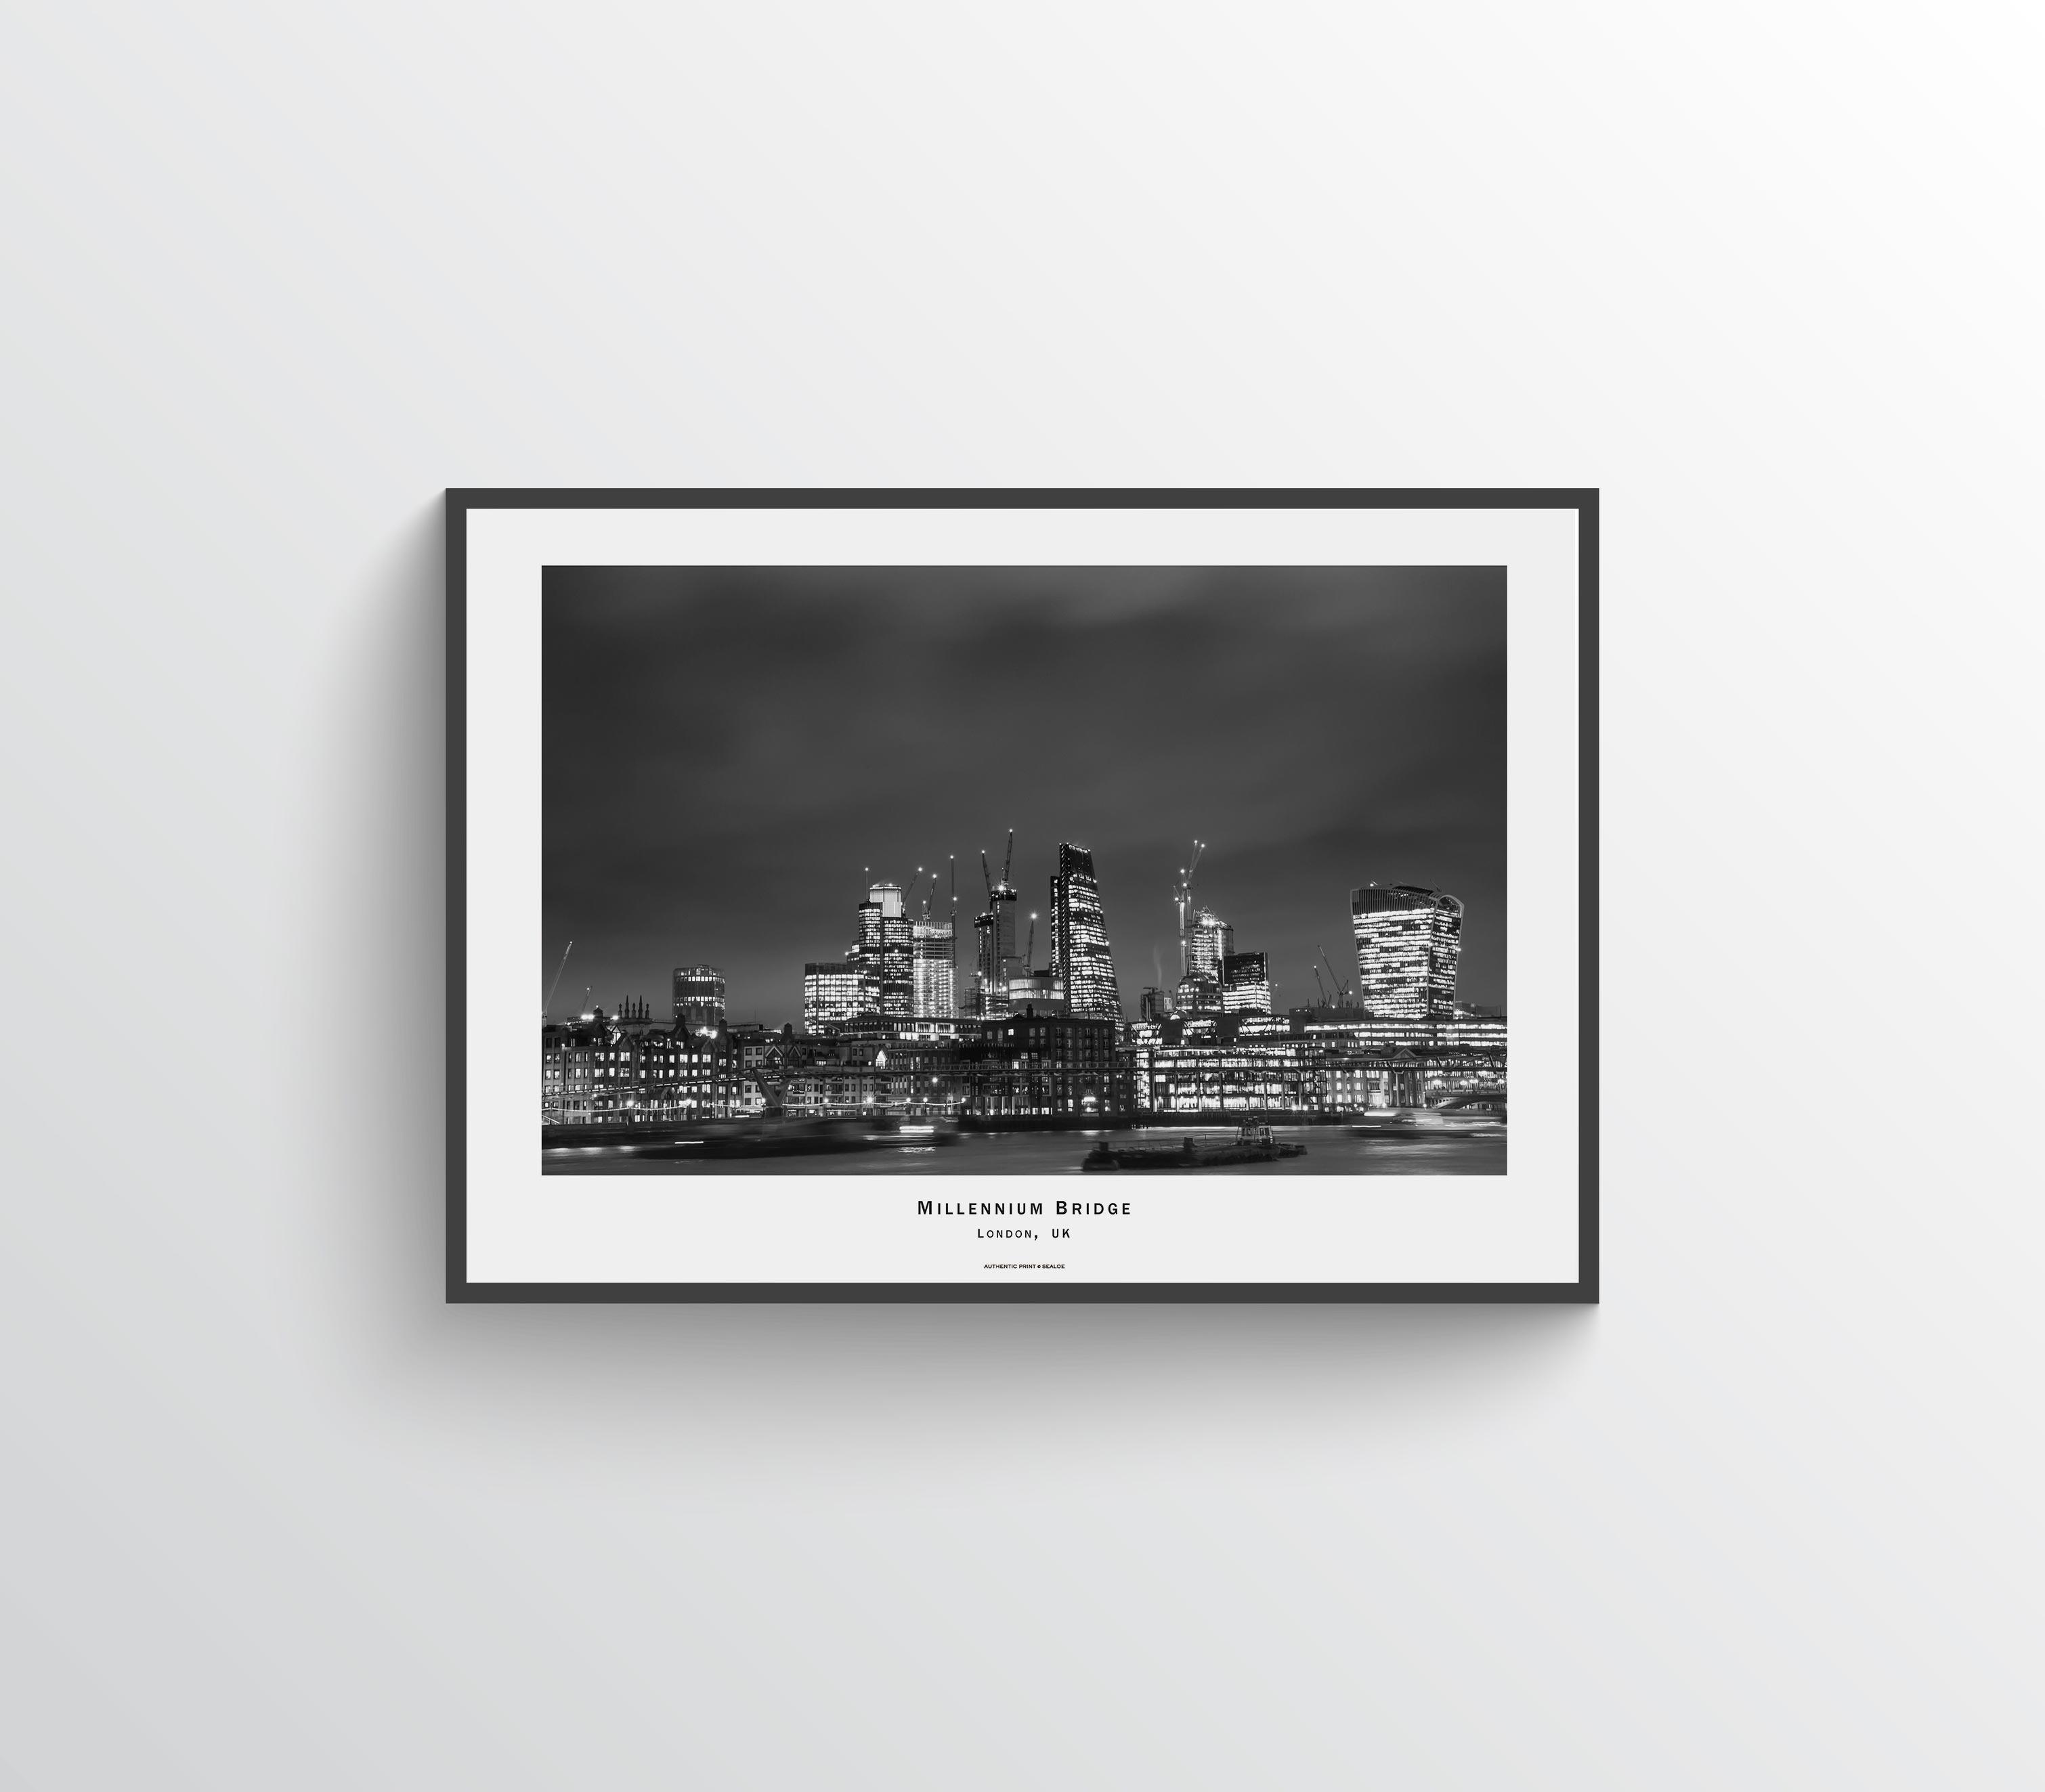 Millennium Bridge - SEALOE